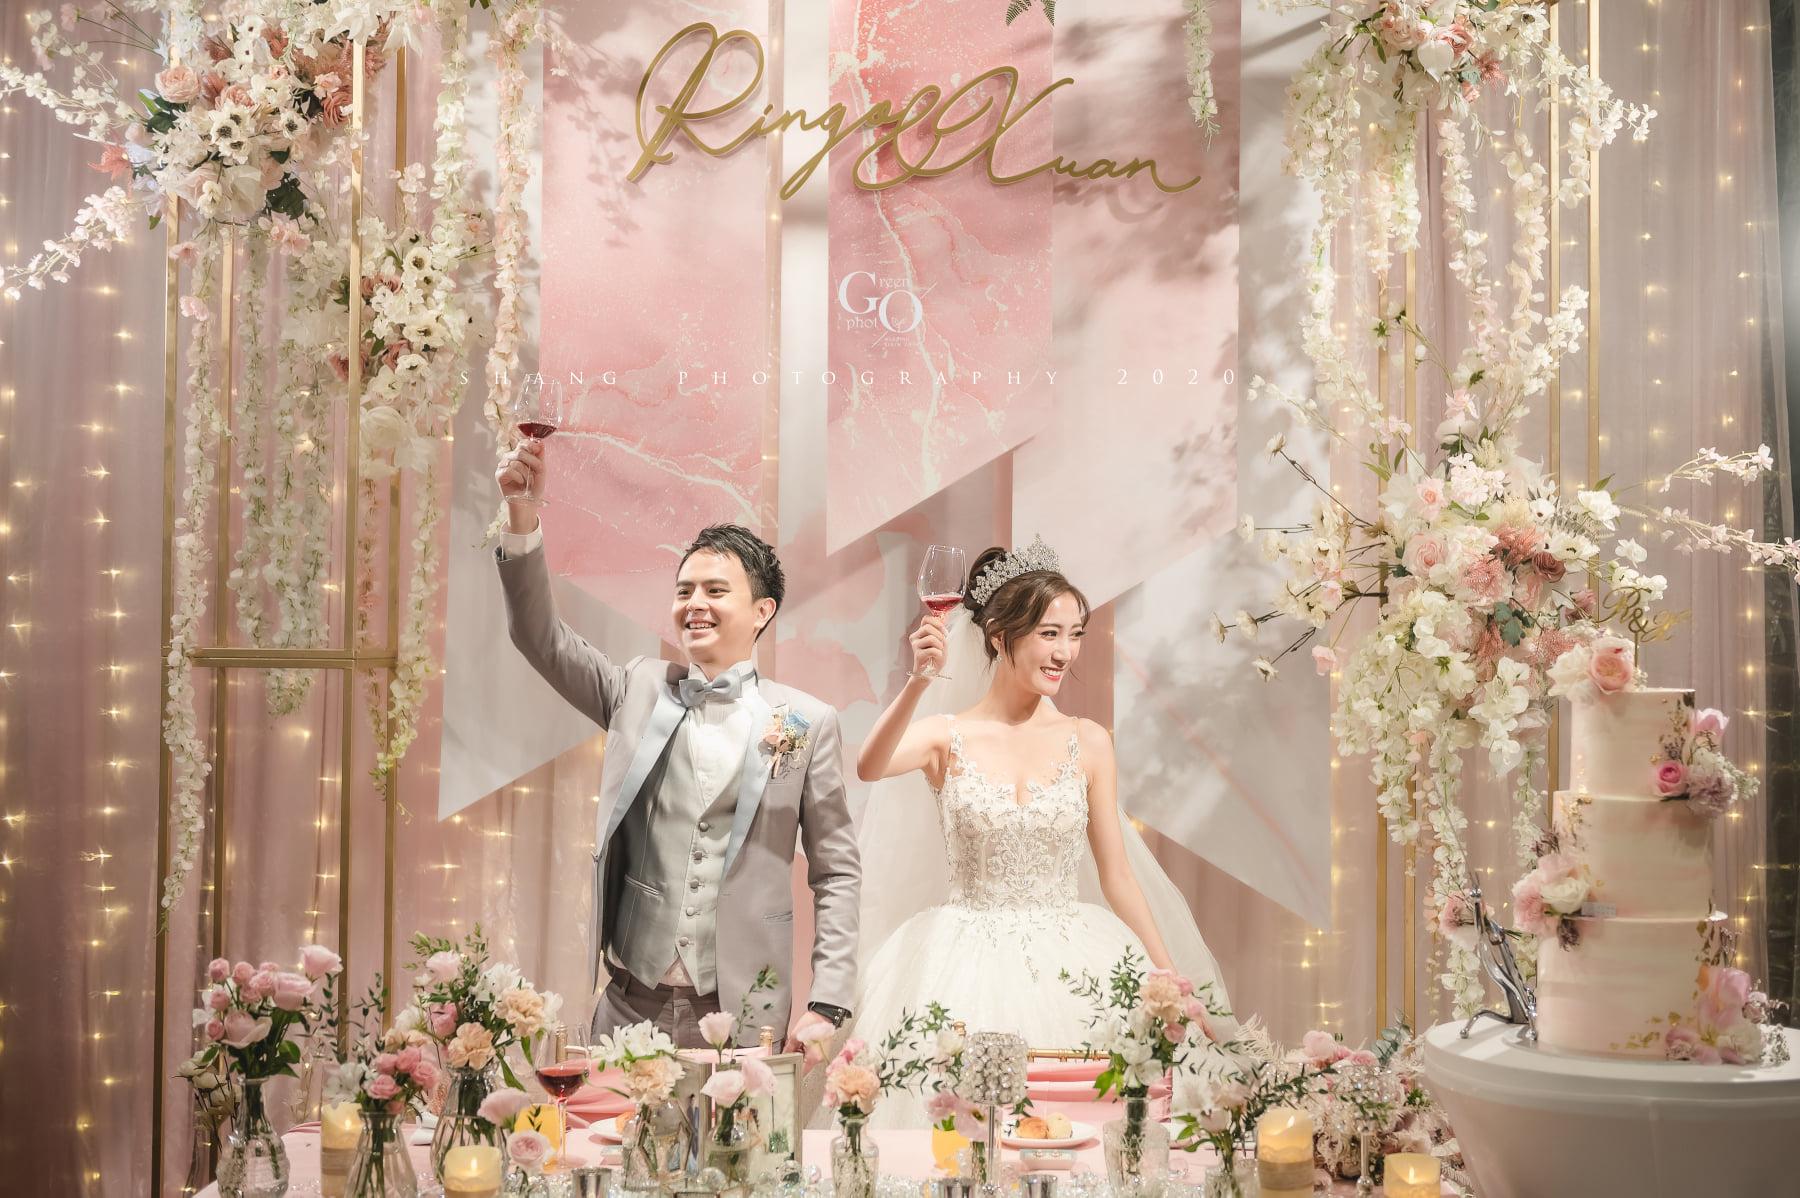 Ringo&鄭詩璇 瑪莎計畫婚禮主持人 婚禮顧問 婚禮企劃 婚禮服務